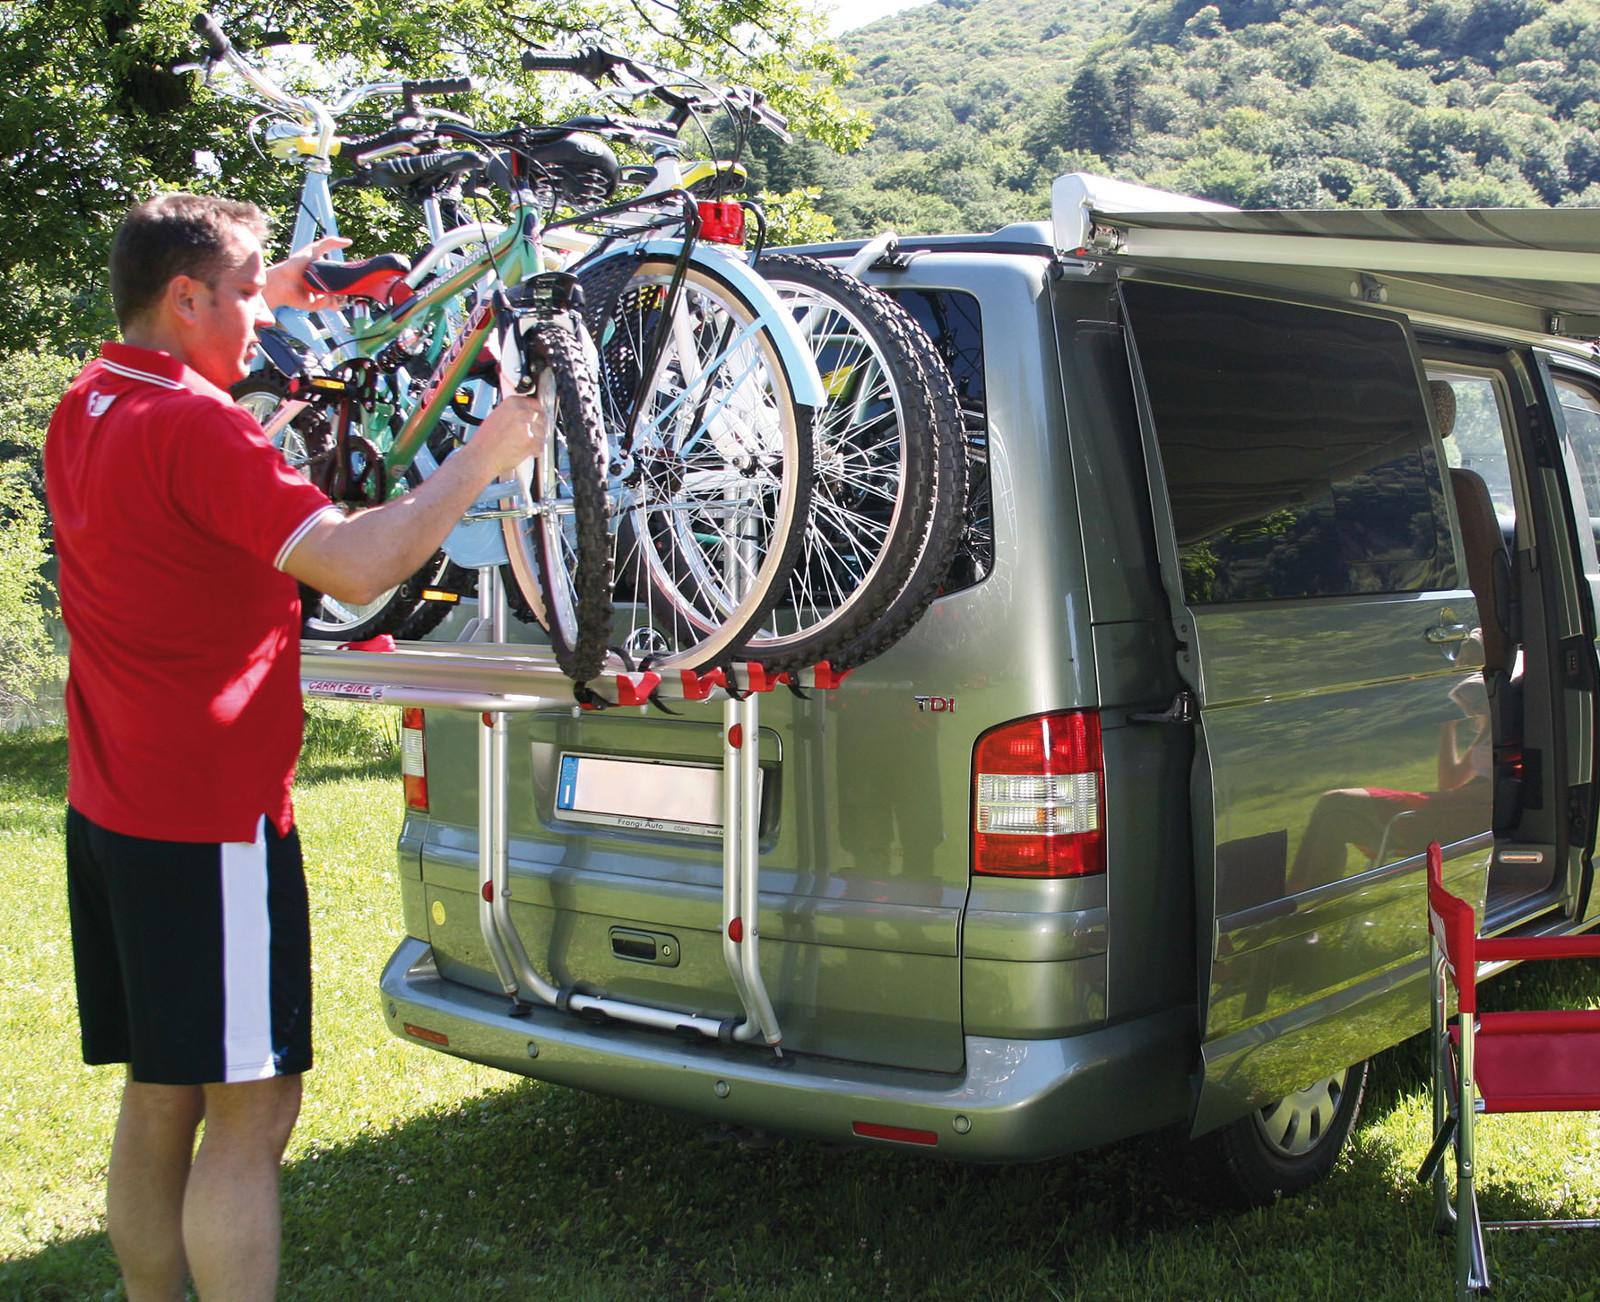 Fiamma Carry Bike Vw T5 Bike Rack For Vw Type 5 With Tailgate Rear Door